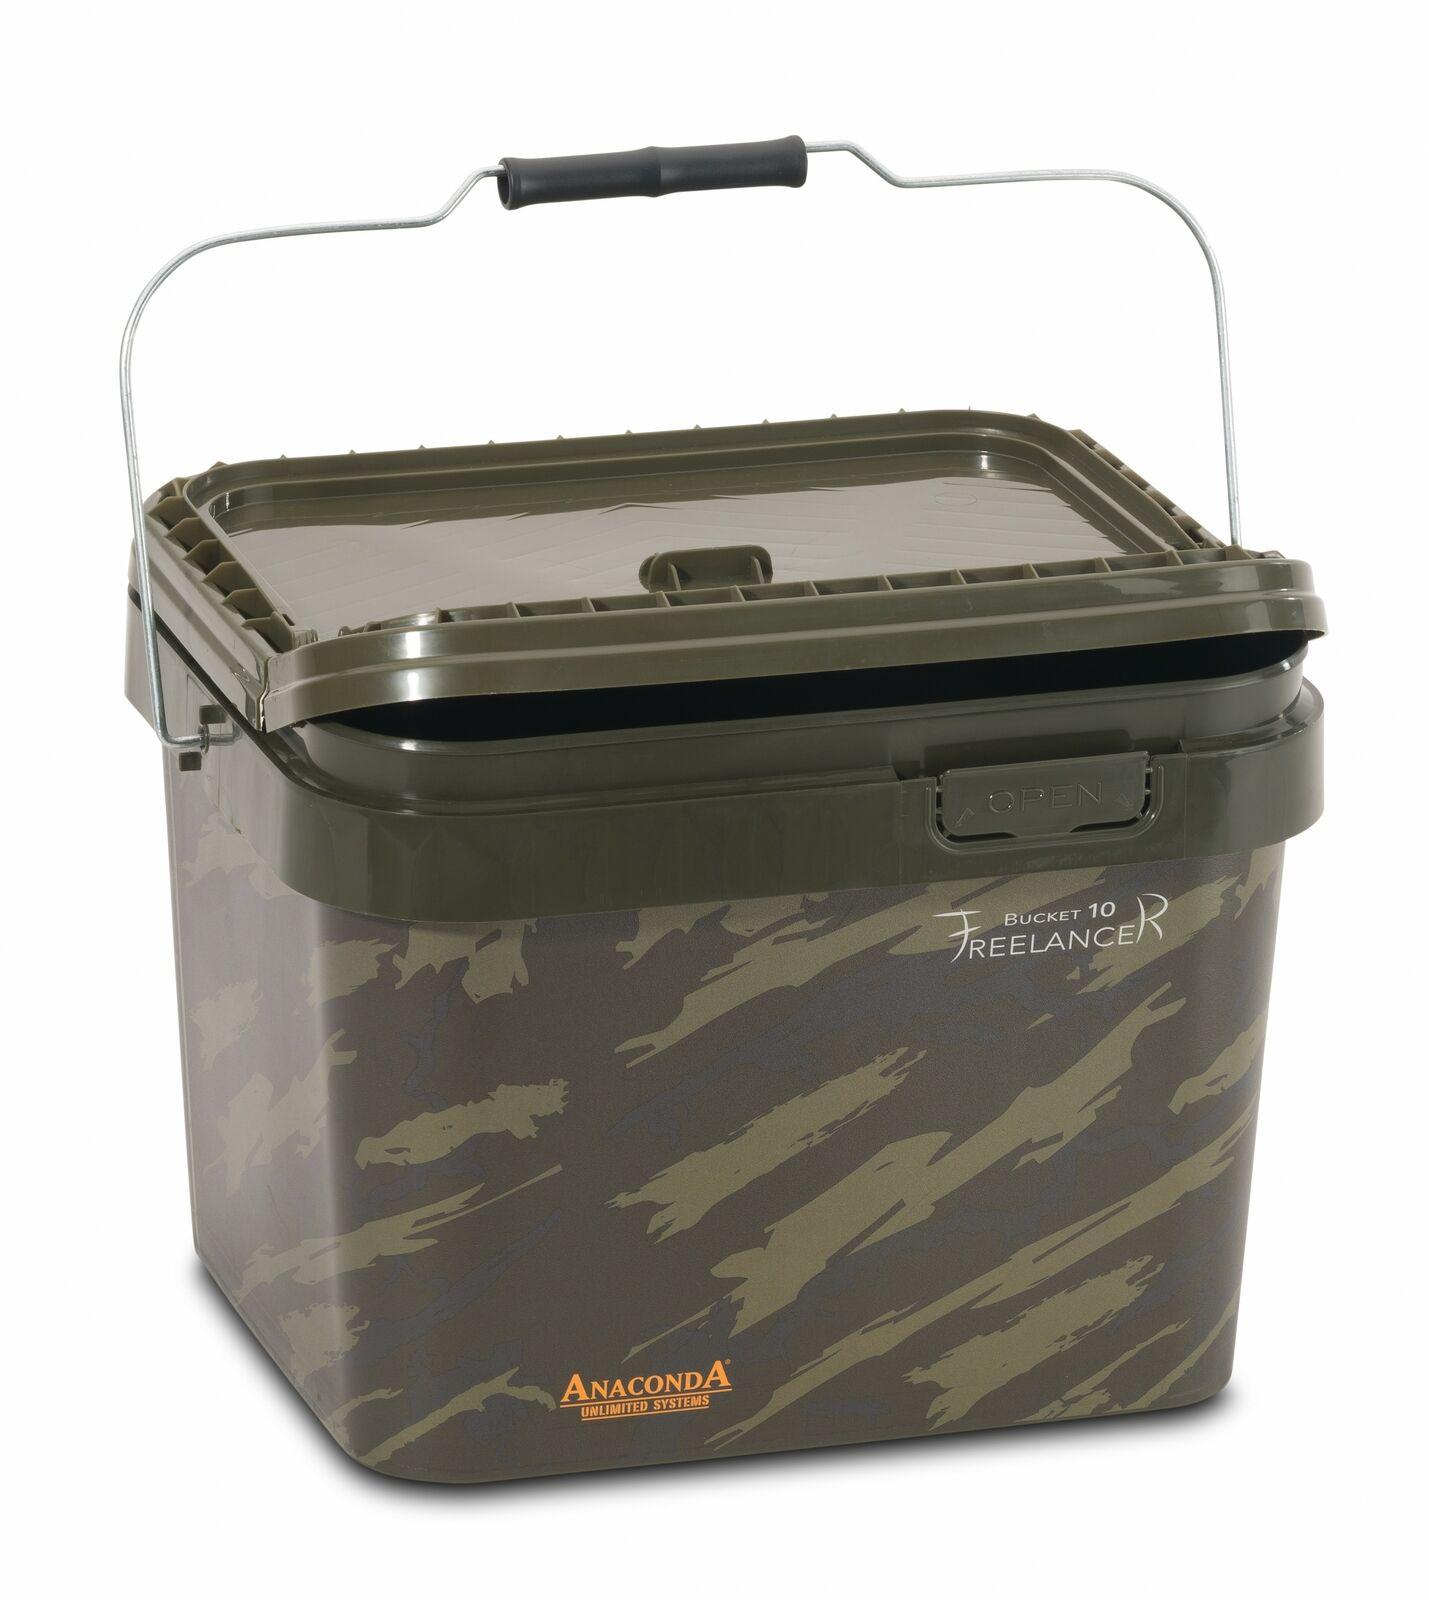 Anaconda Freelancer Bucket 10 l Square Eimer Behälter Karpfen Boilies Futter